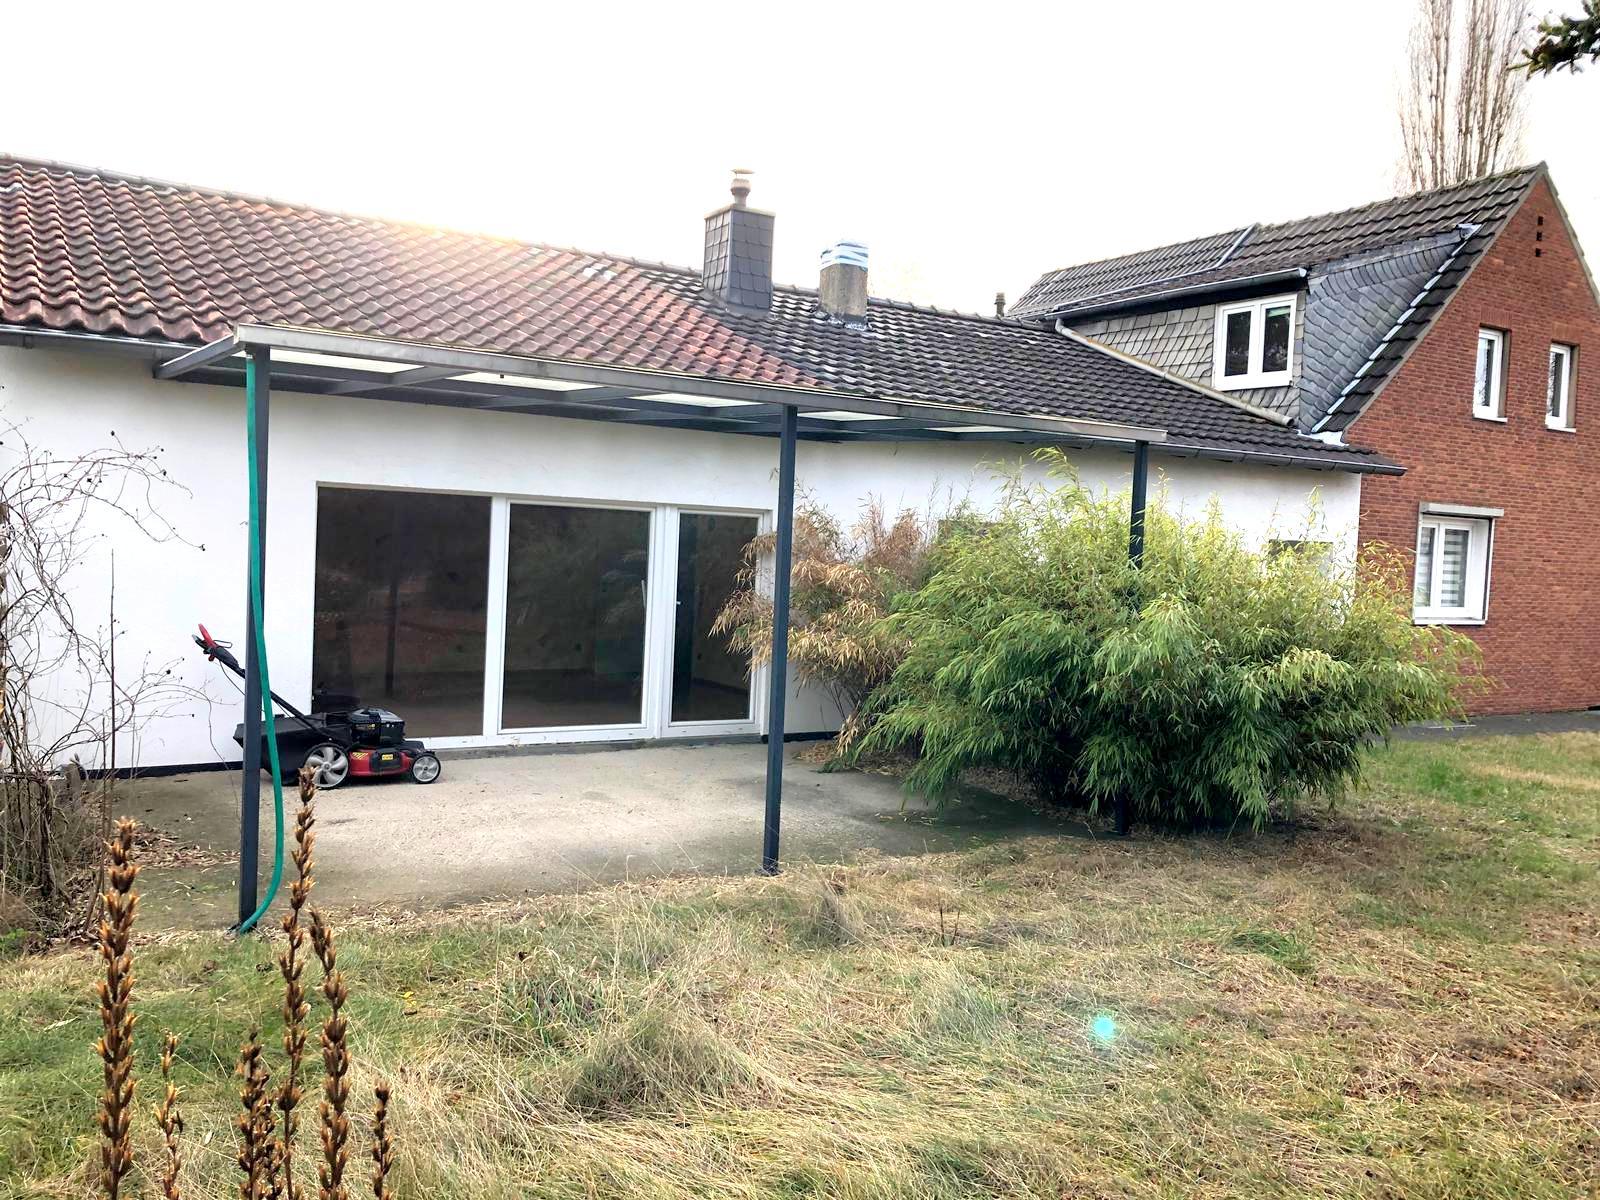 DHH in der Vogelsiedlung mit großzügigem Gartengrundstück (für etwaigen Neubau oder Anbau geeignet), mit Garage + Stellplätzen